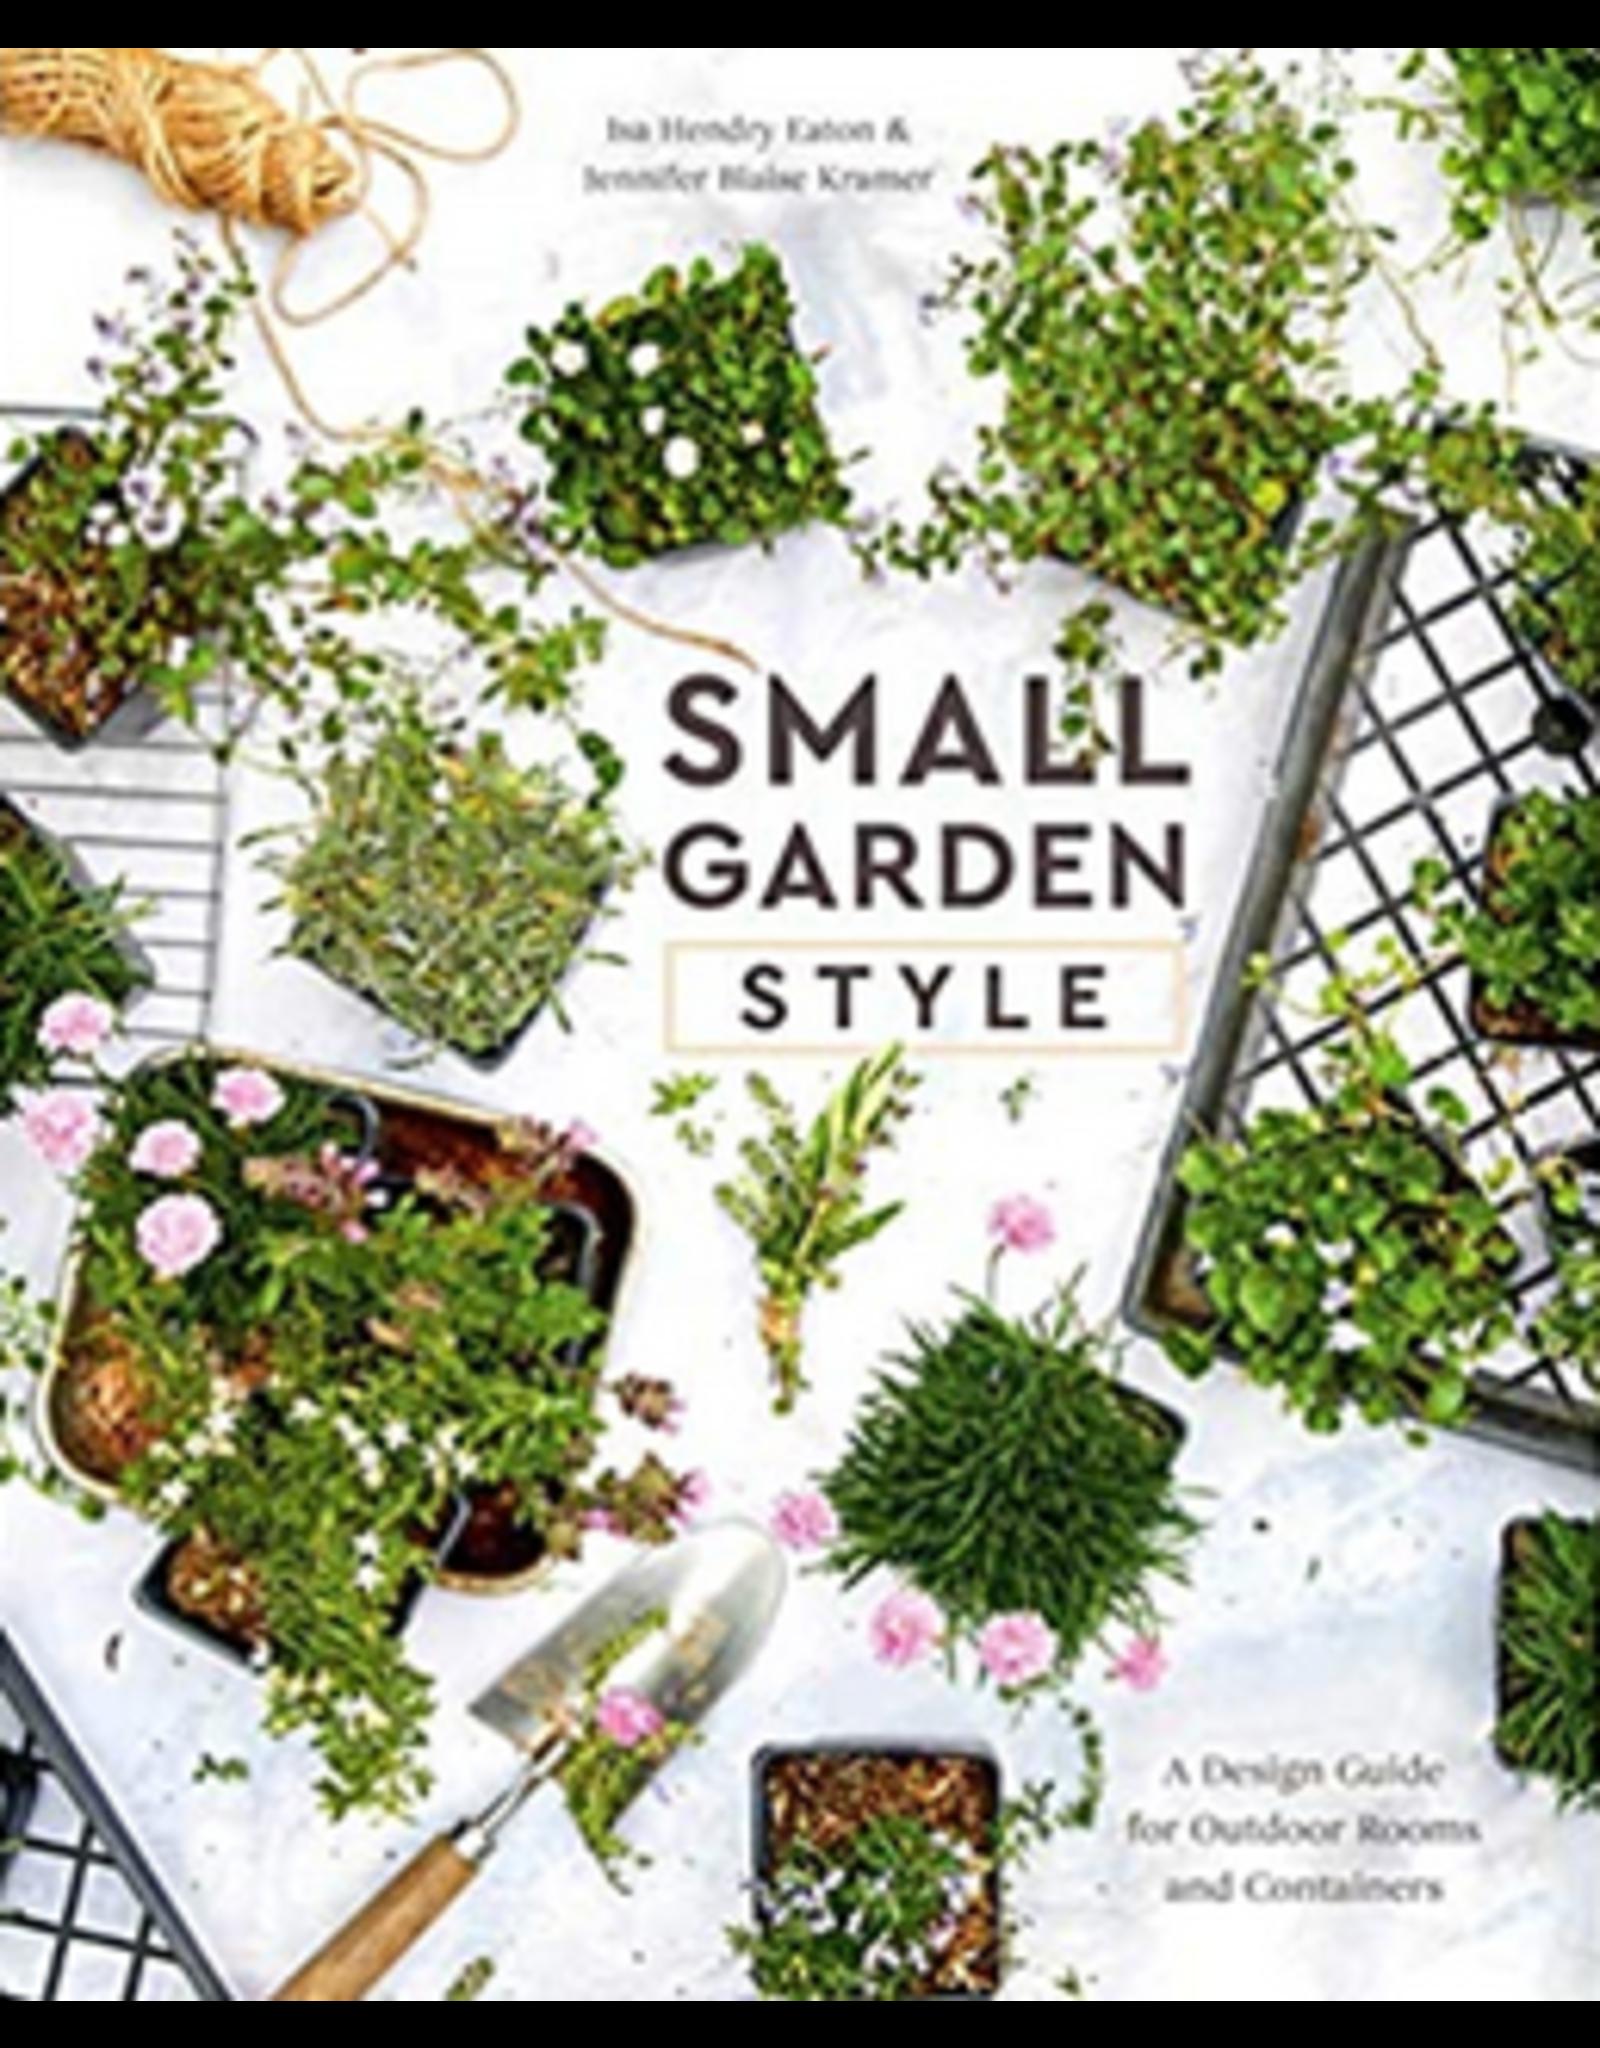 Small Garden Style